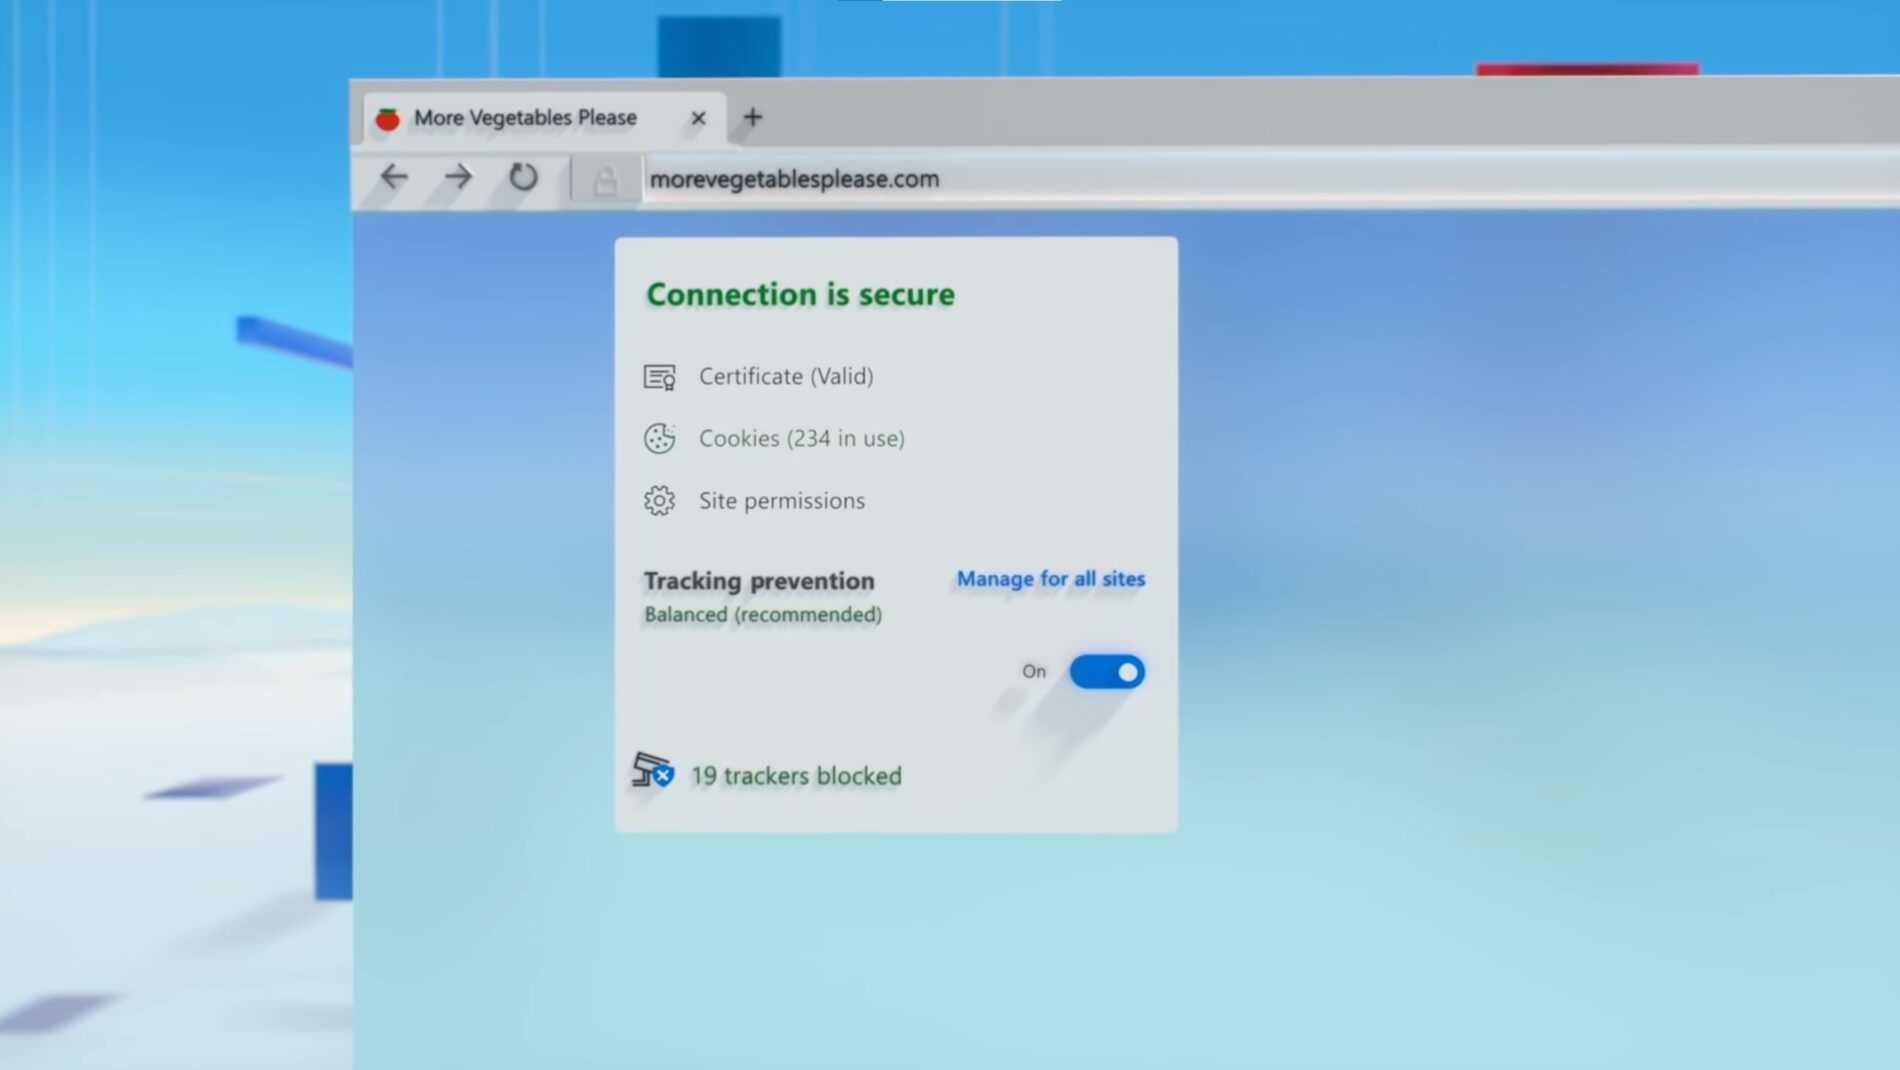 Les extensions auront leur propre accès externe dans Microsoft Edge